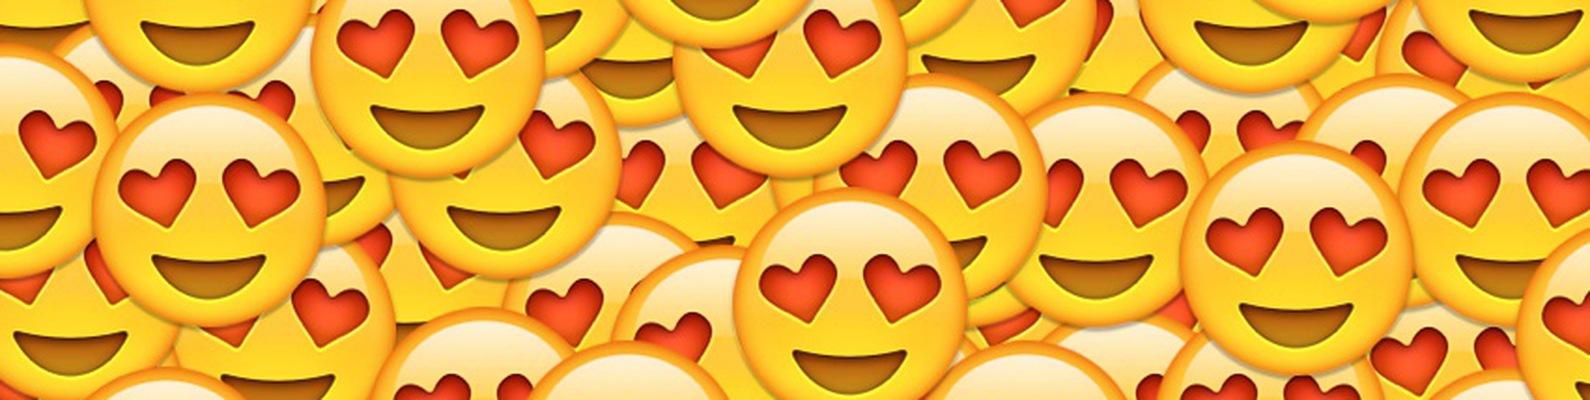 купить фотки со смайлами сердечками четырёхсот